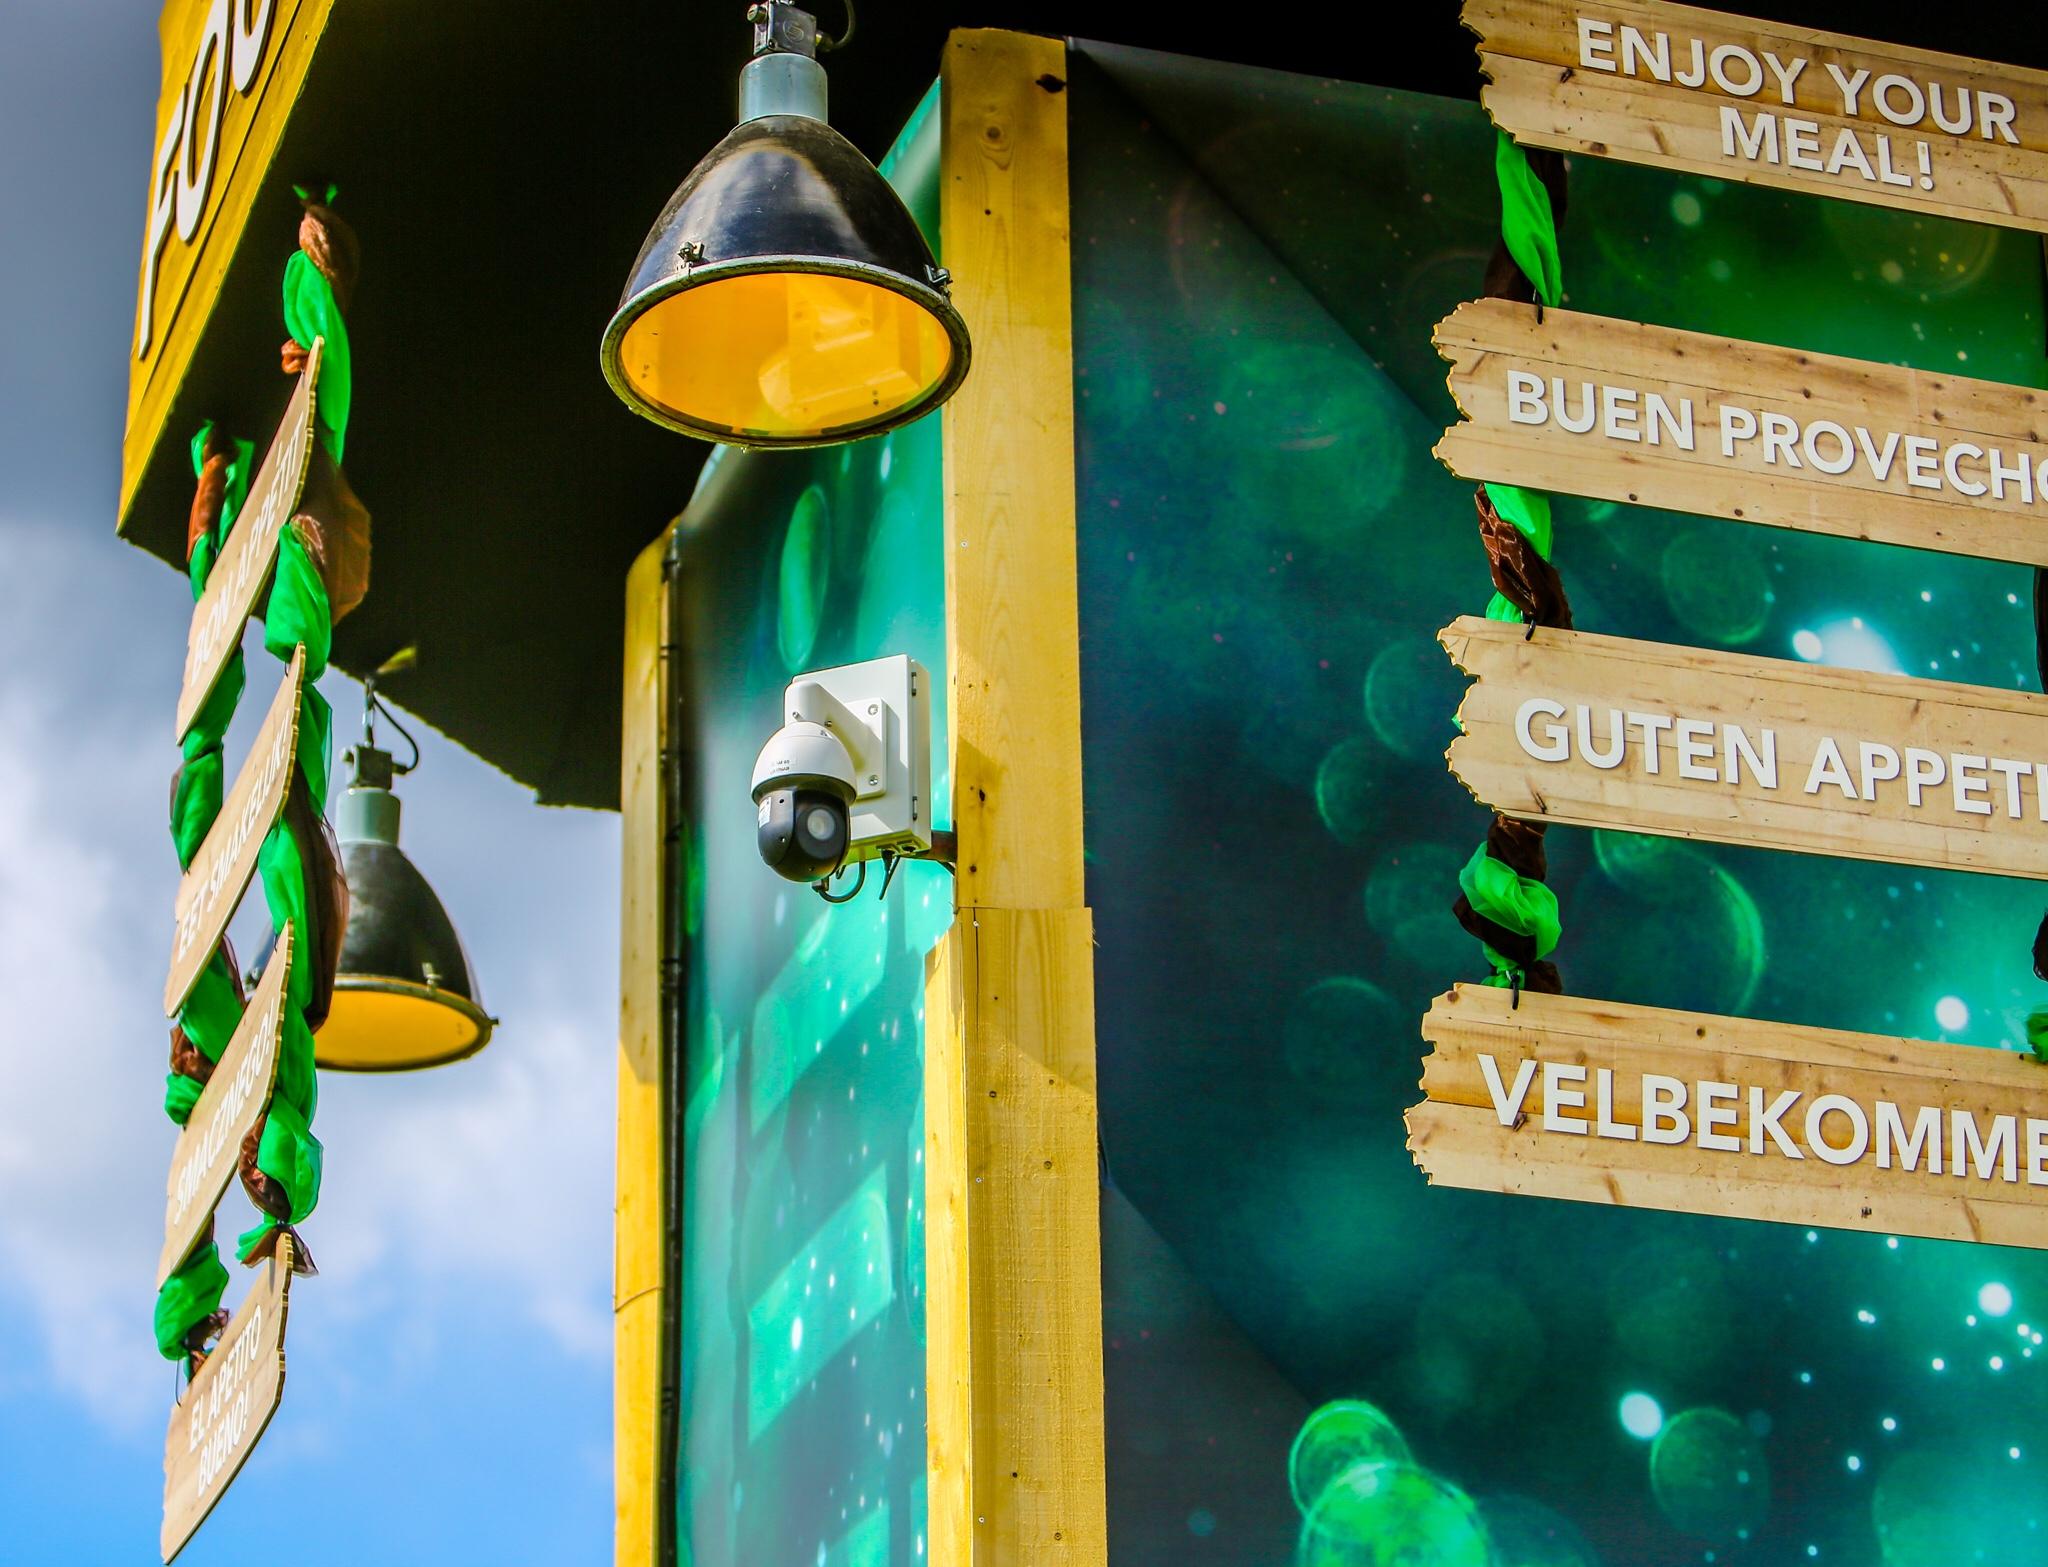 Het festivalseizoen is weer begonnen! Ook dit jaar hebben wij Rebirth festival in Haaren weer voorzien van camerabeveiliging. Gehele terrein en diverse tenten voorzien van (draadloze) full HD PTZ camera's met centrale monitoring vanuit onze mobiele commando unit! #beveiliging #Rebirth #cameratoezicht #commando unit #festival #security